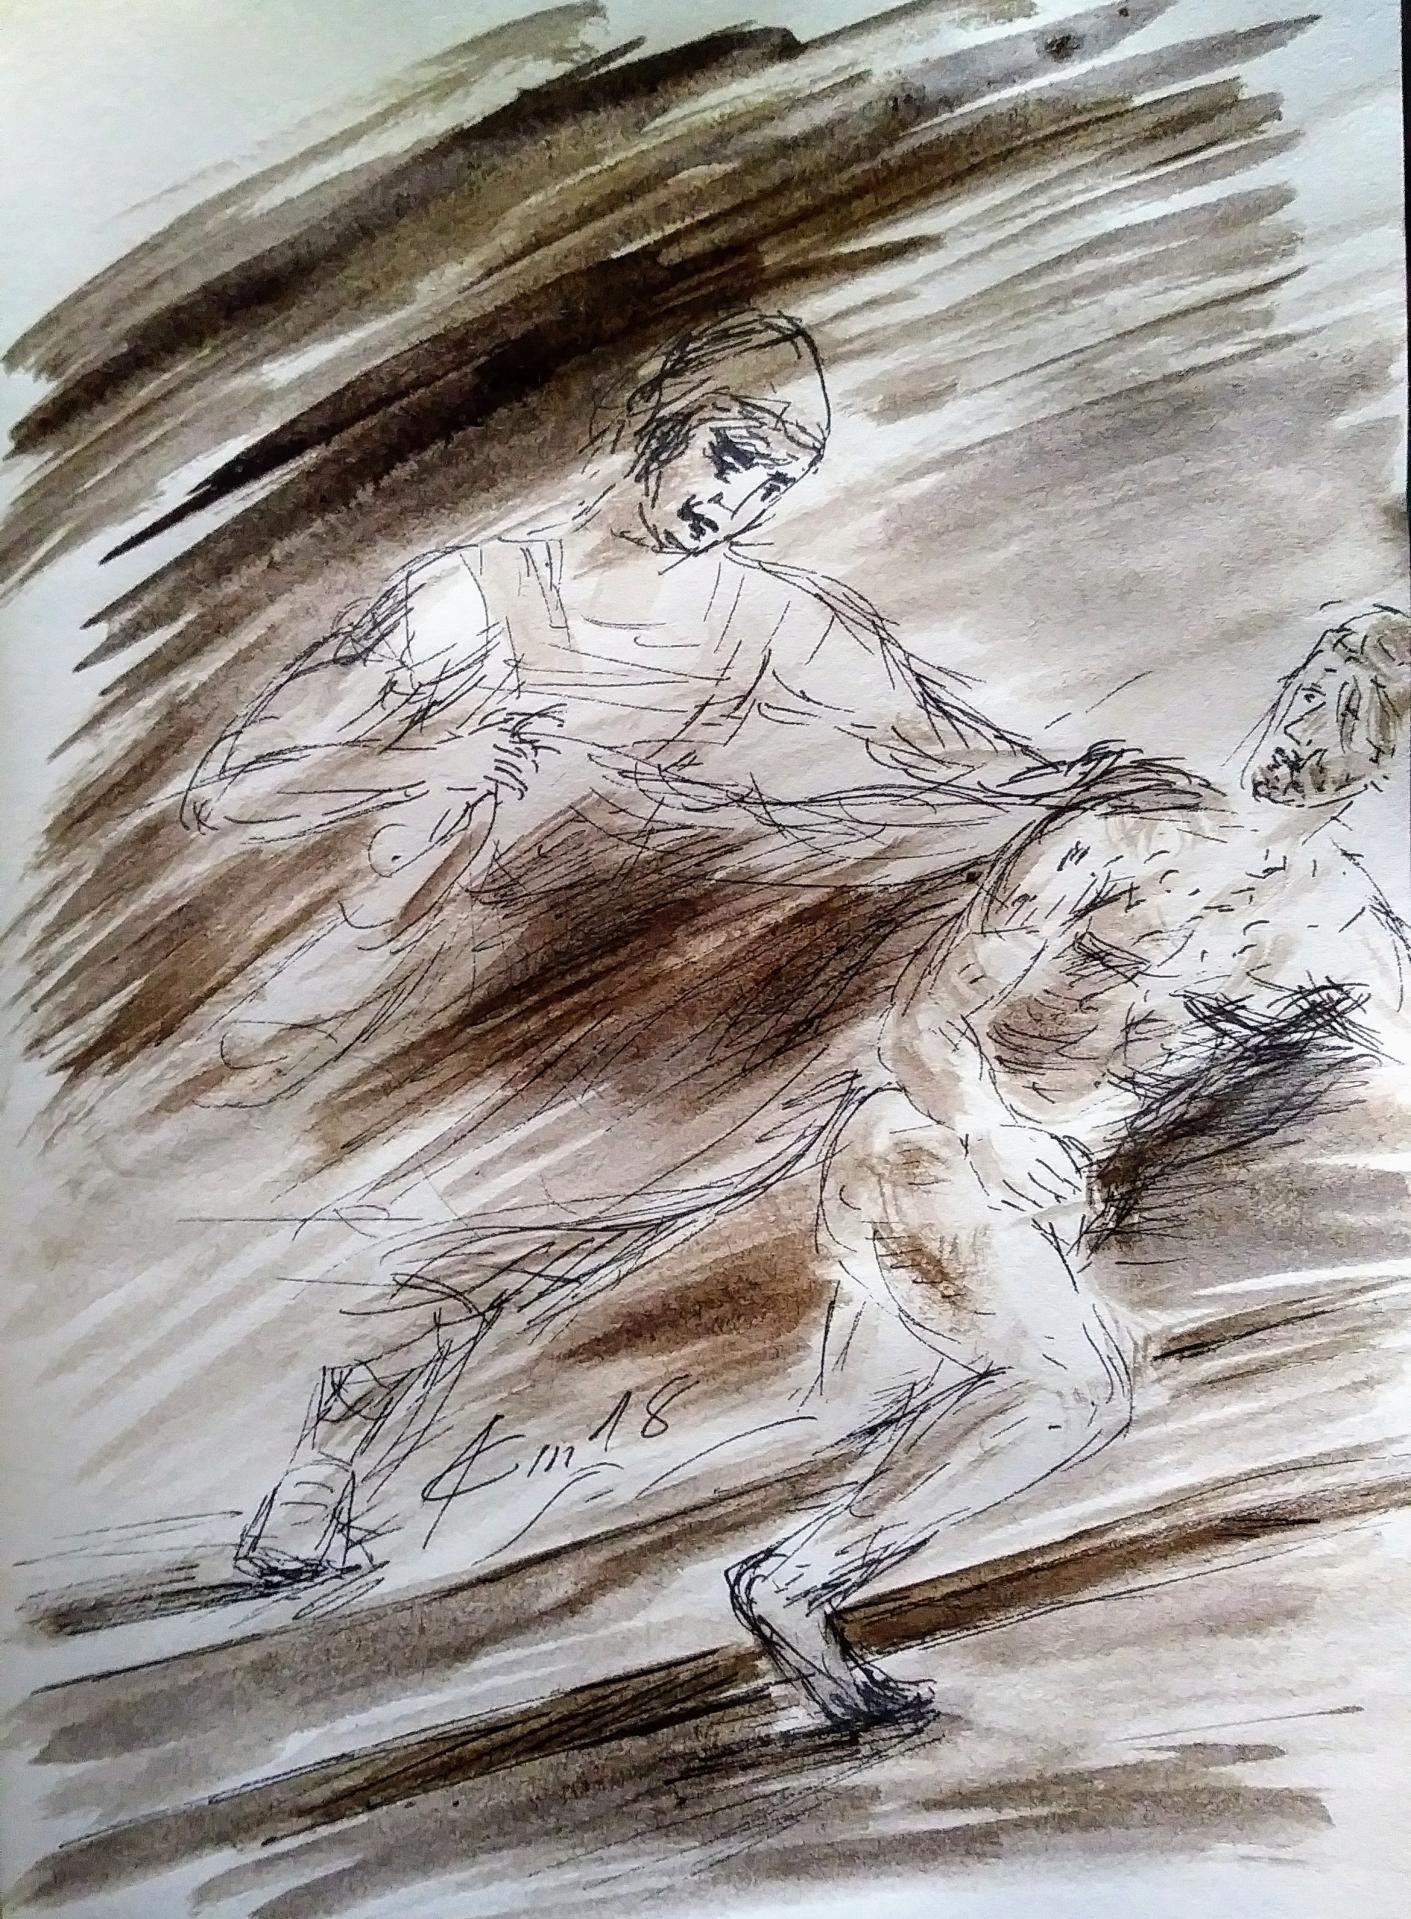 10 chemin de croix dixieme station jesus est depouille de ses vetements dessin au lavis de jean joseph chevalier